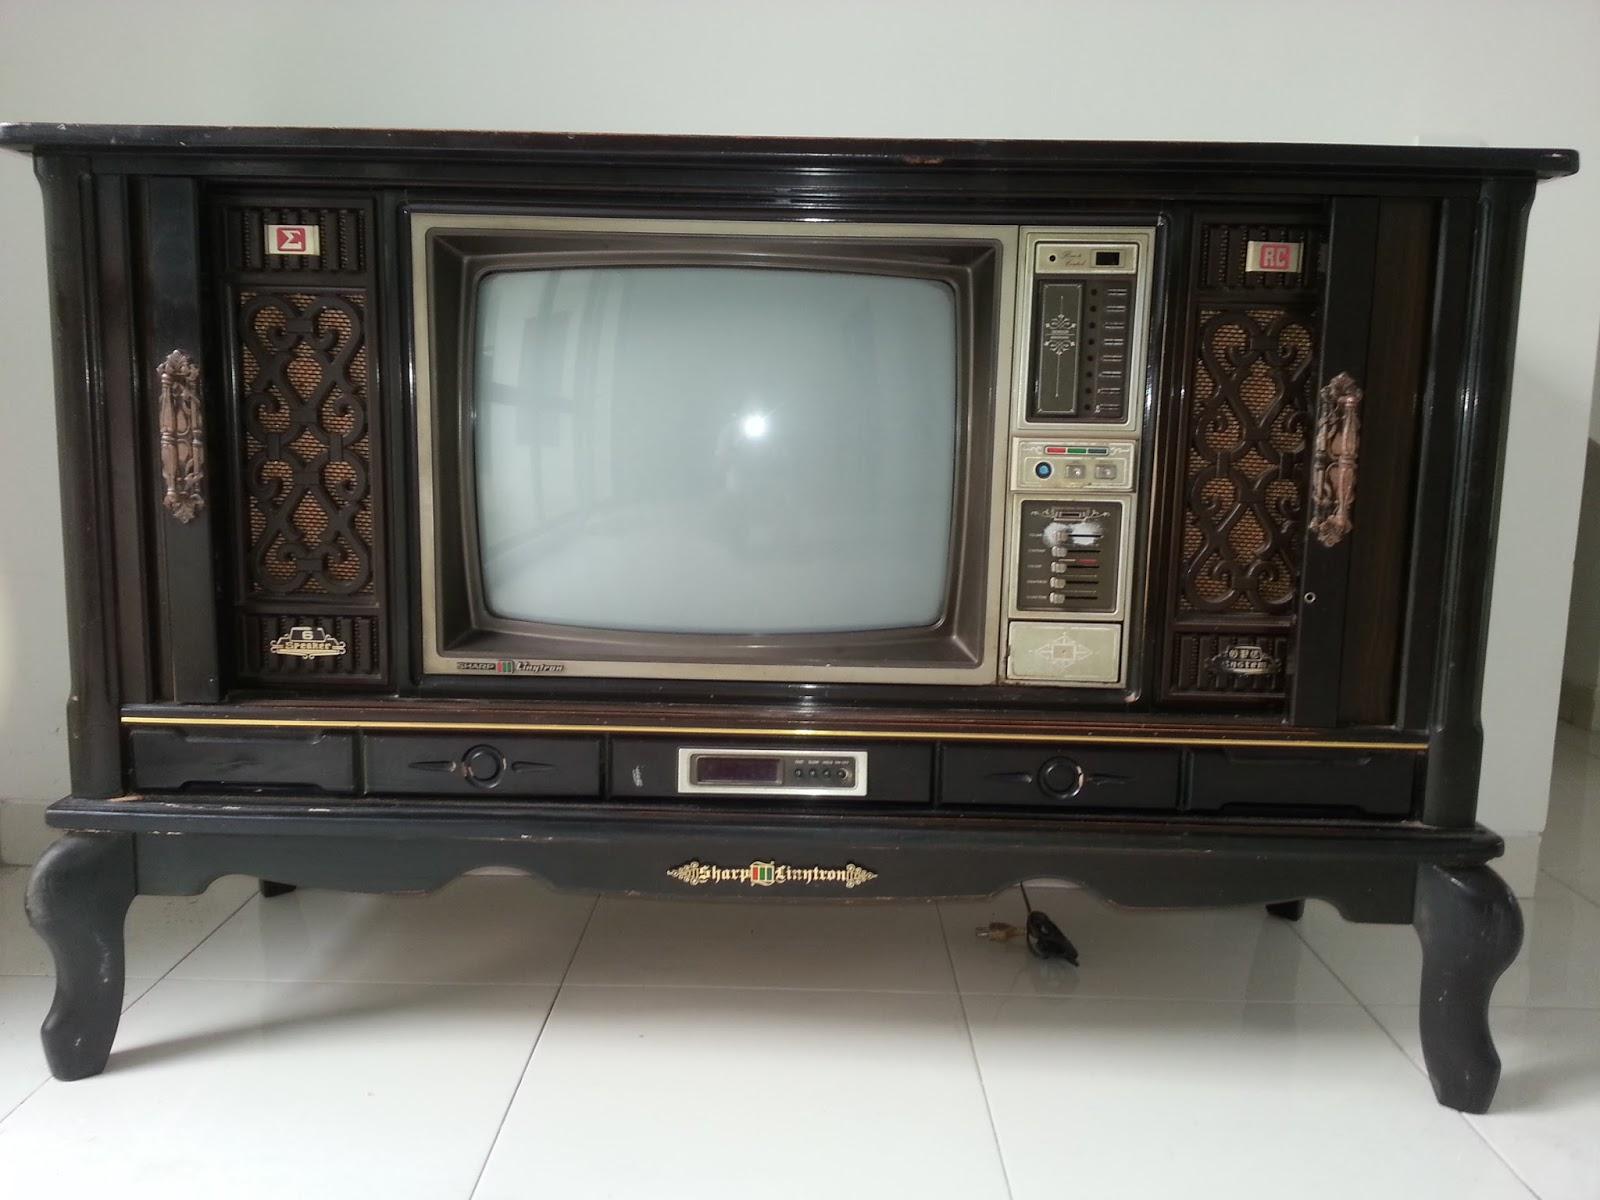 Omah Antique Tempat Jual Dan Beli Barang Antik Dan Lawas Televisi